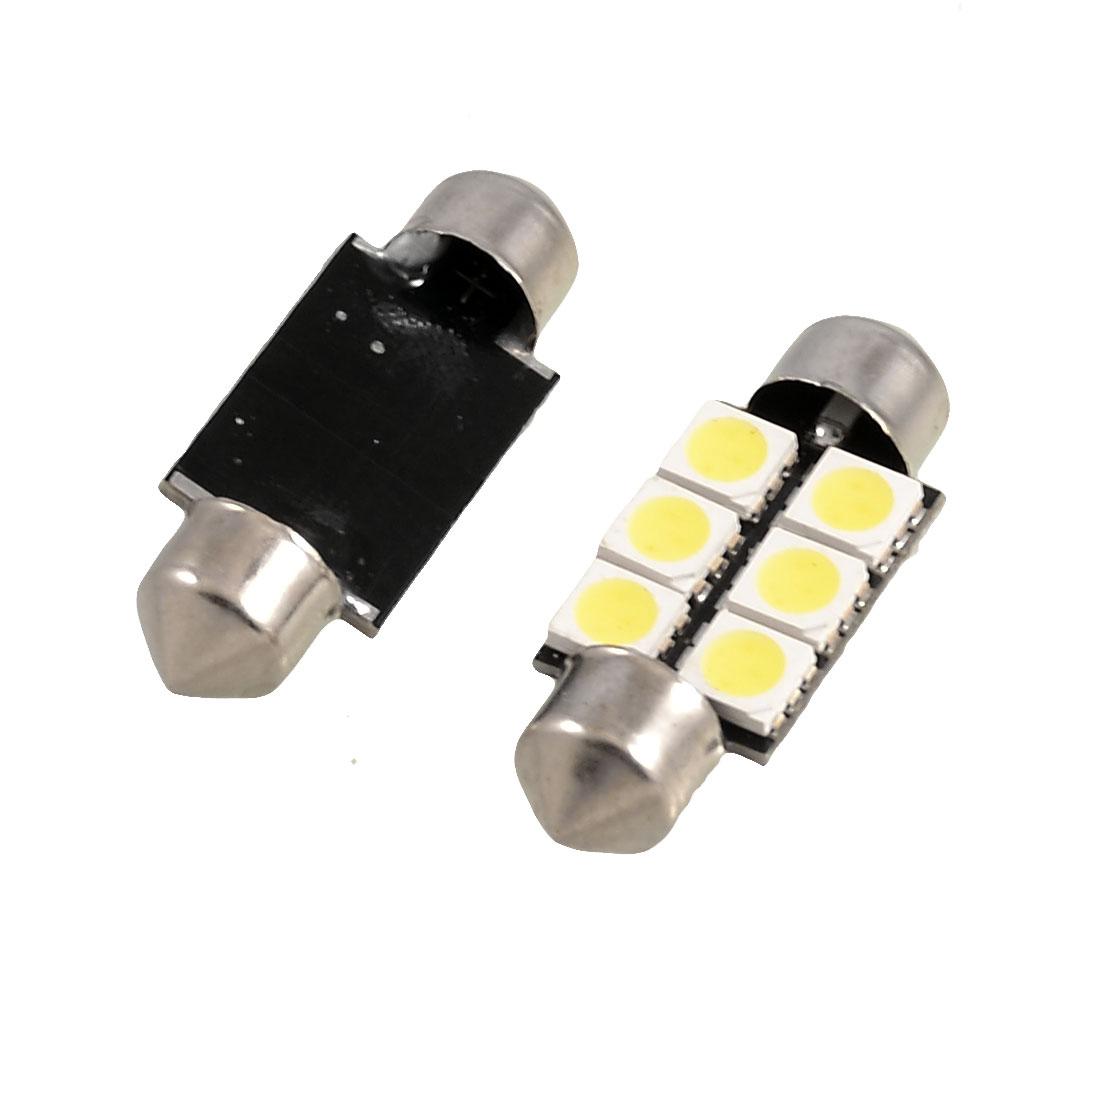 2 x Car 35mm White 5050 6 SMD Festoon LED Light Bulbs DC 12V